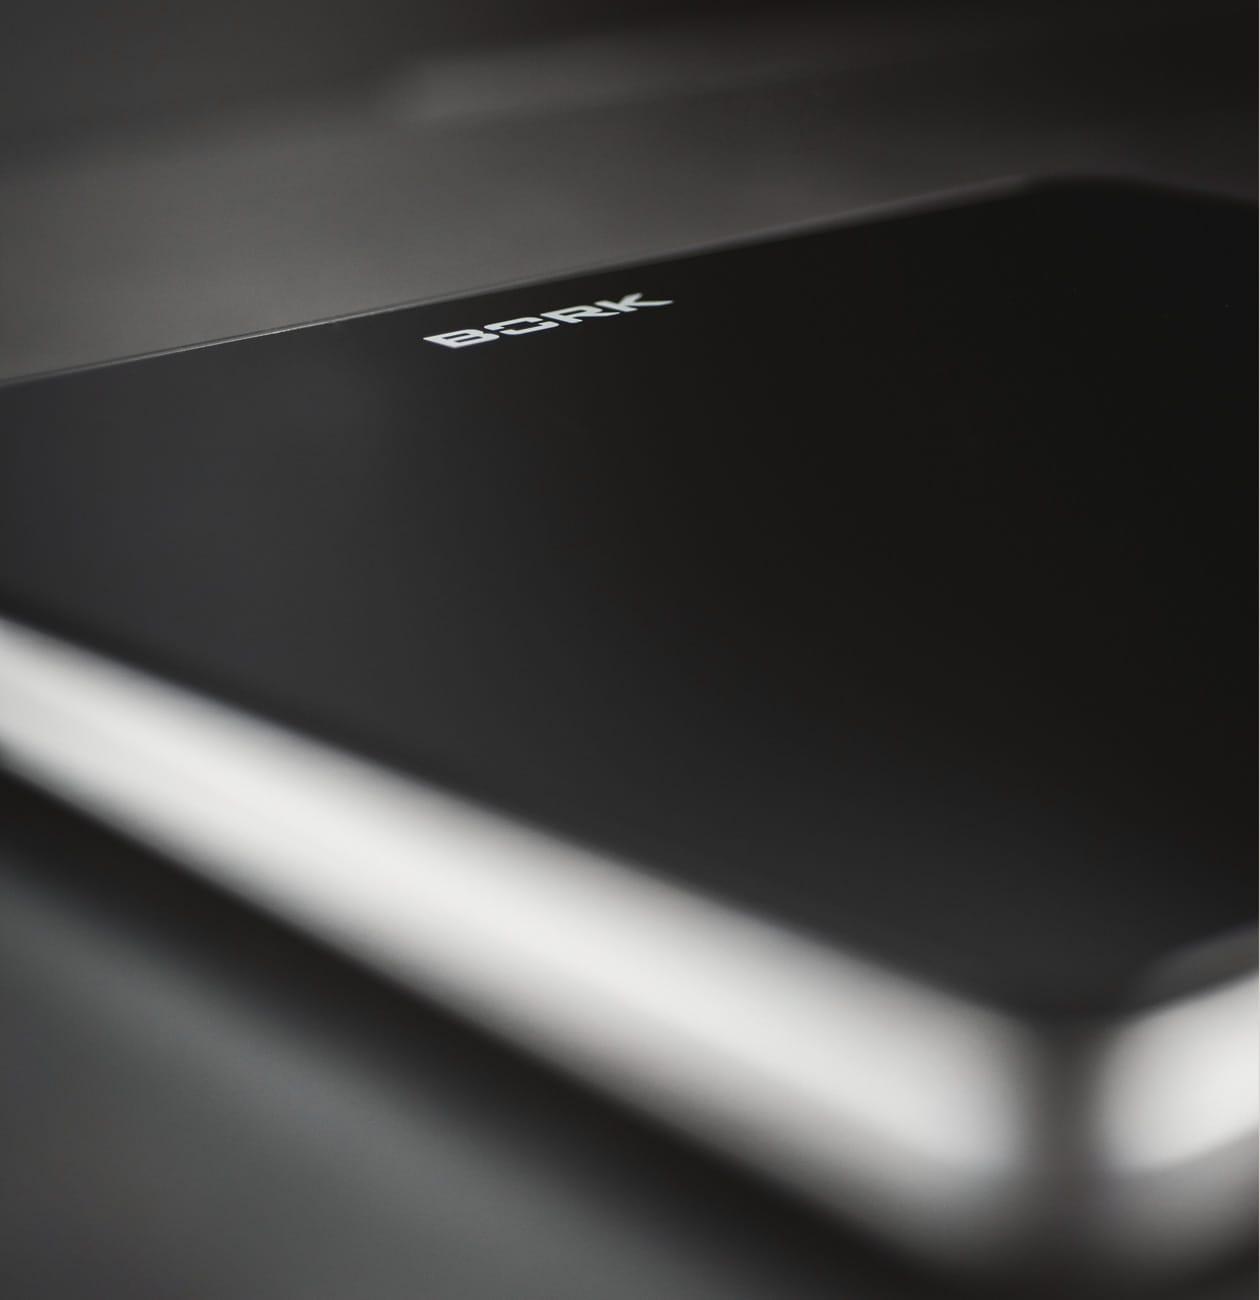 кухонные весы BORK N780